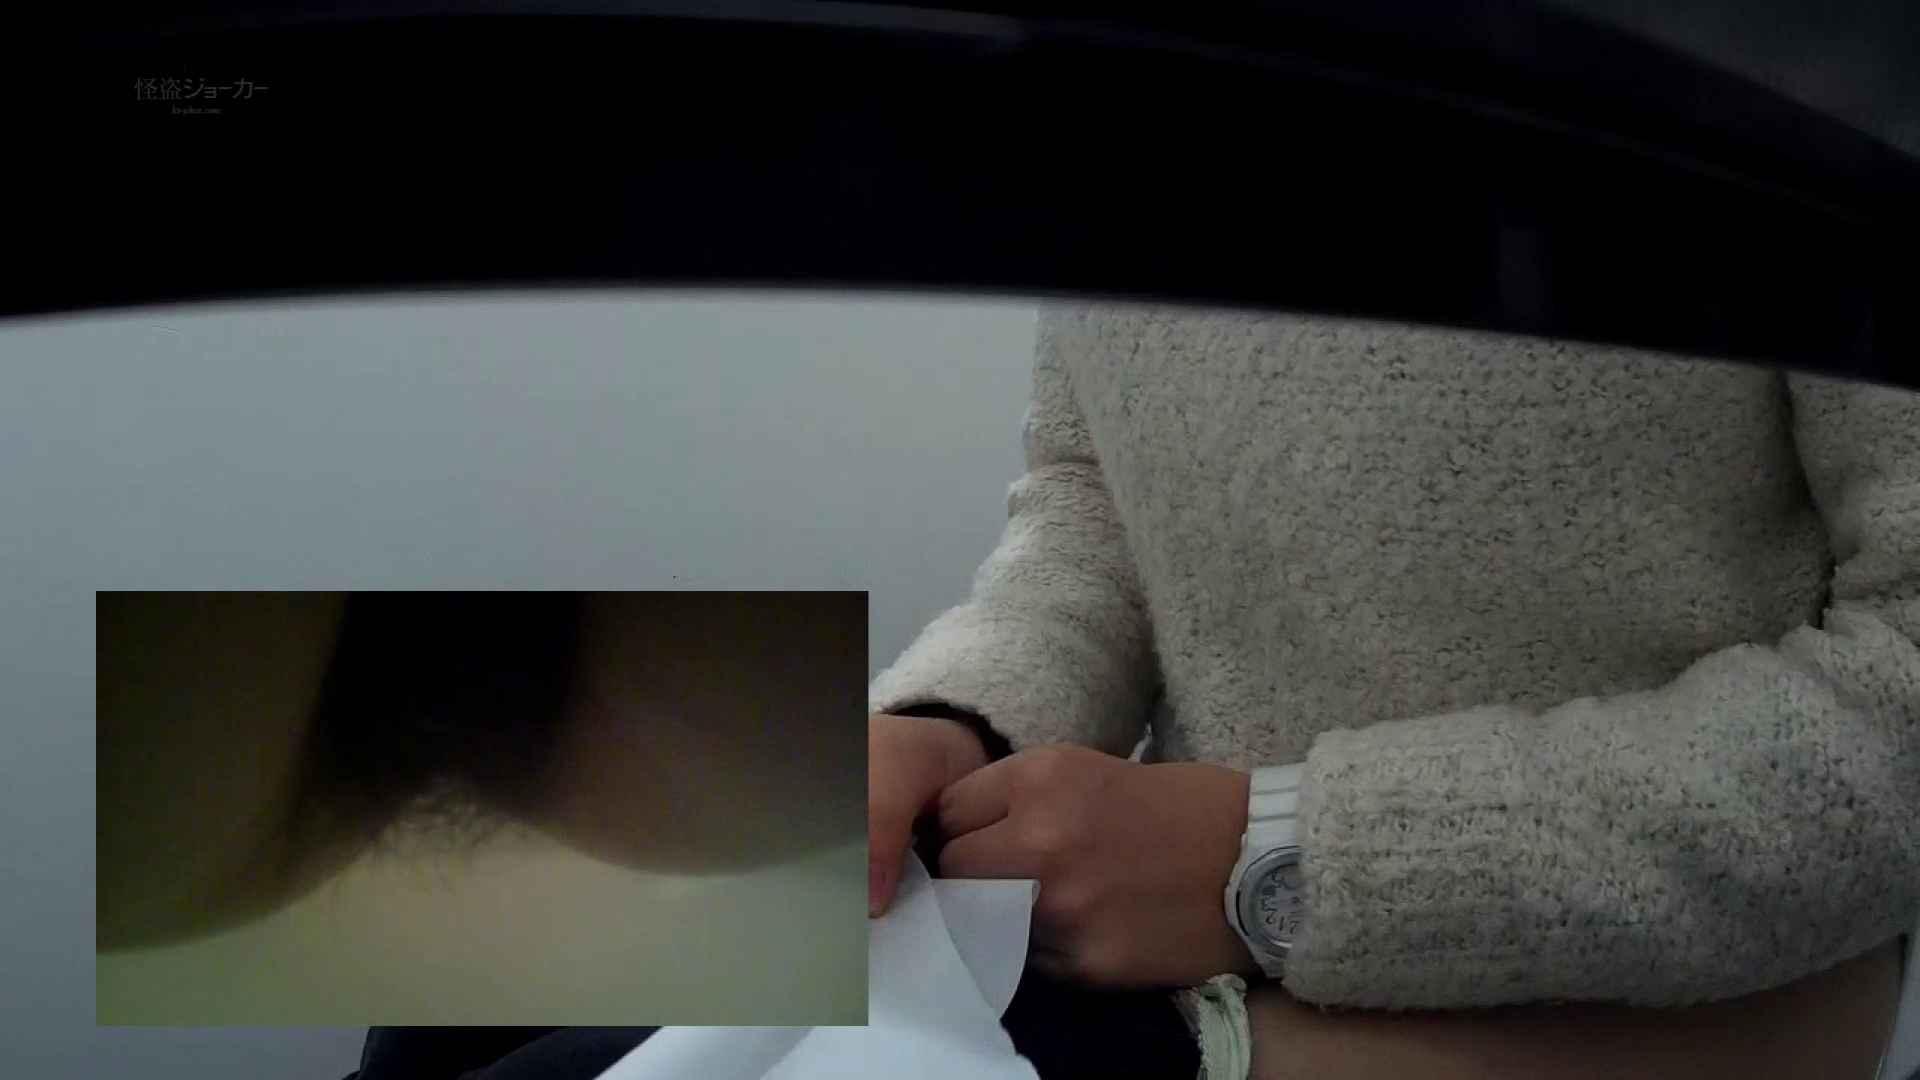 有名大学女性洗面所 vol.54 設置撮影最高峰!! 3視点でじっくり観察 潜入 AV動画キャプチャ 86PIX 75